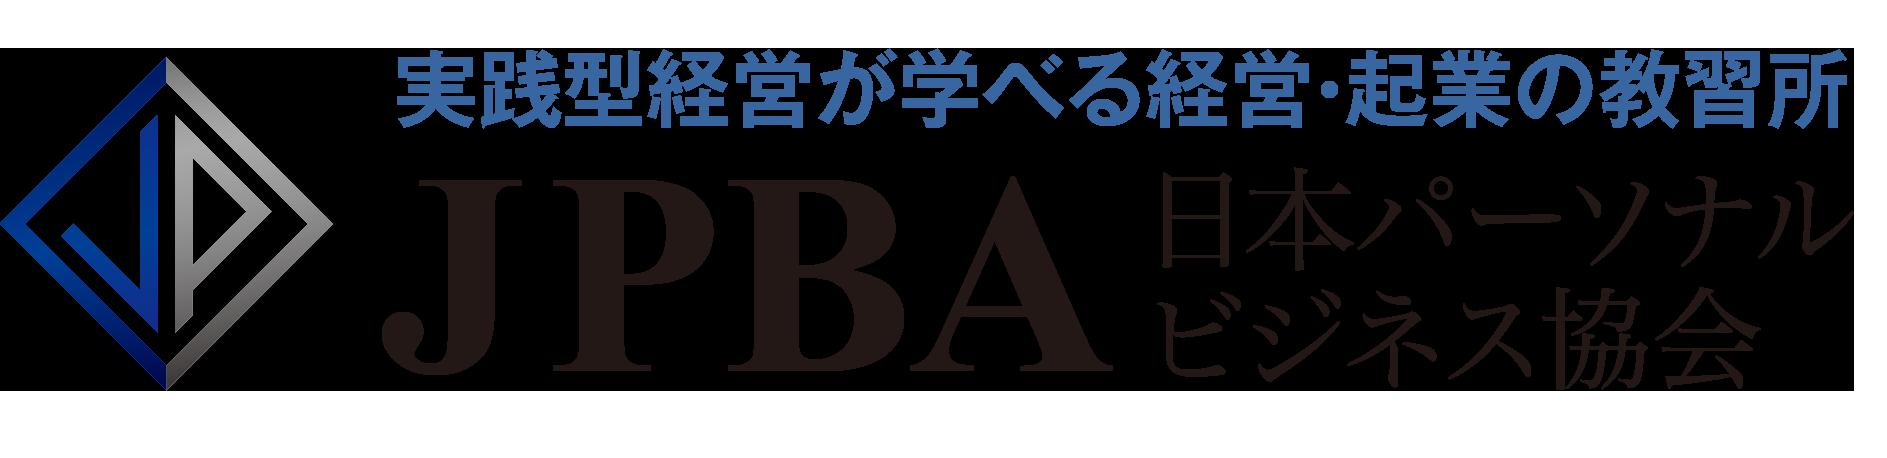 JPBA|一般社団法人 日本パーソナルビジネス協会